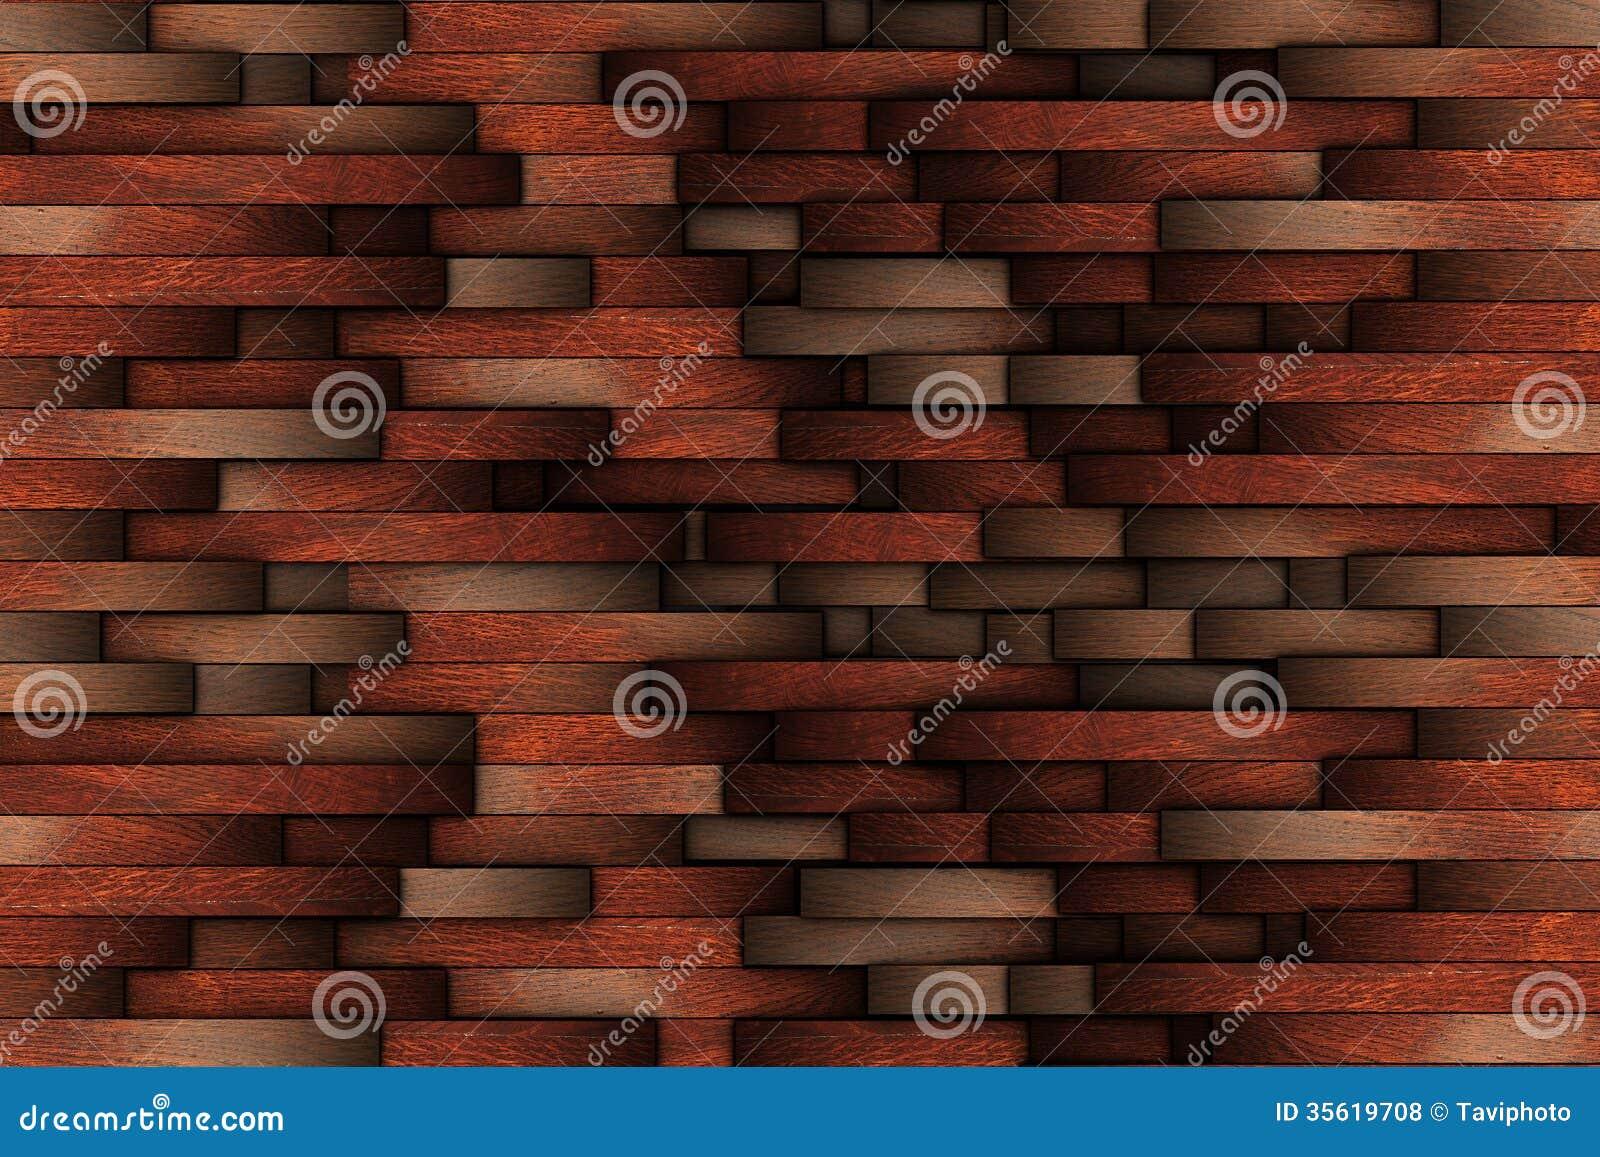 Mahogany Abstract Wooden Wall Design Royalty Free Stock Photos Image